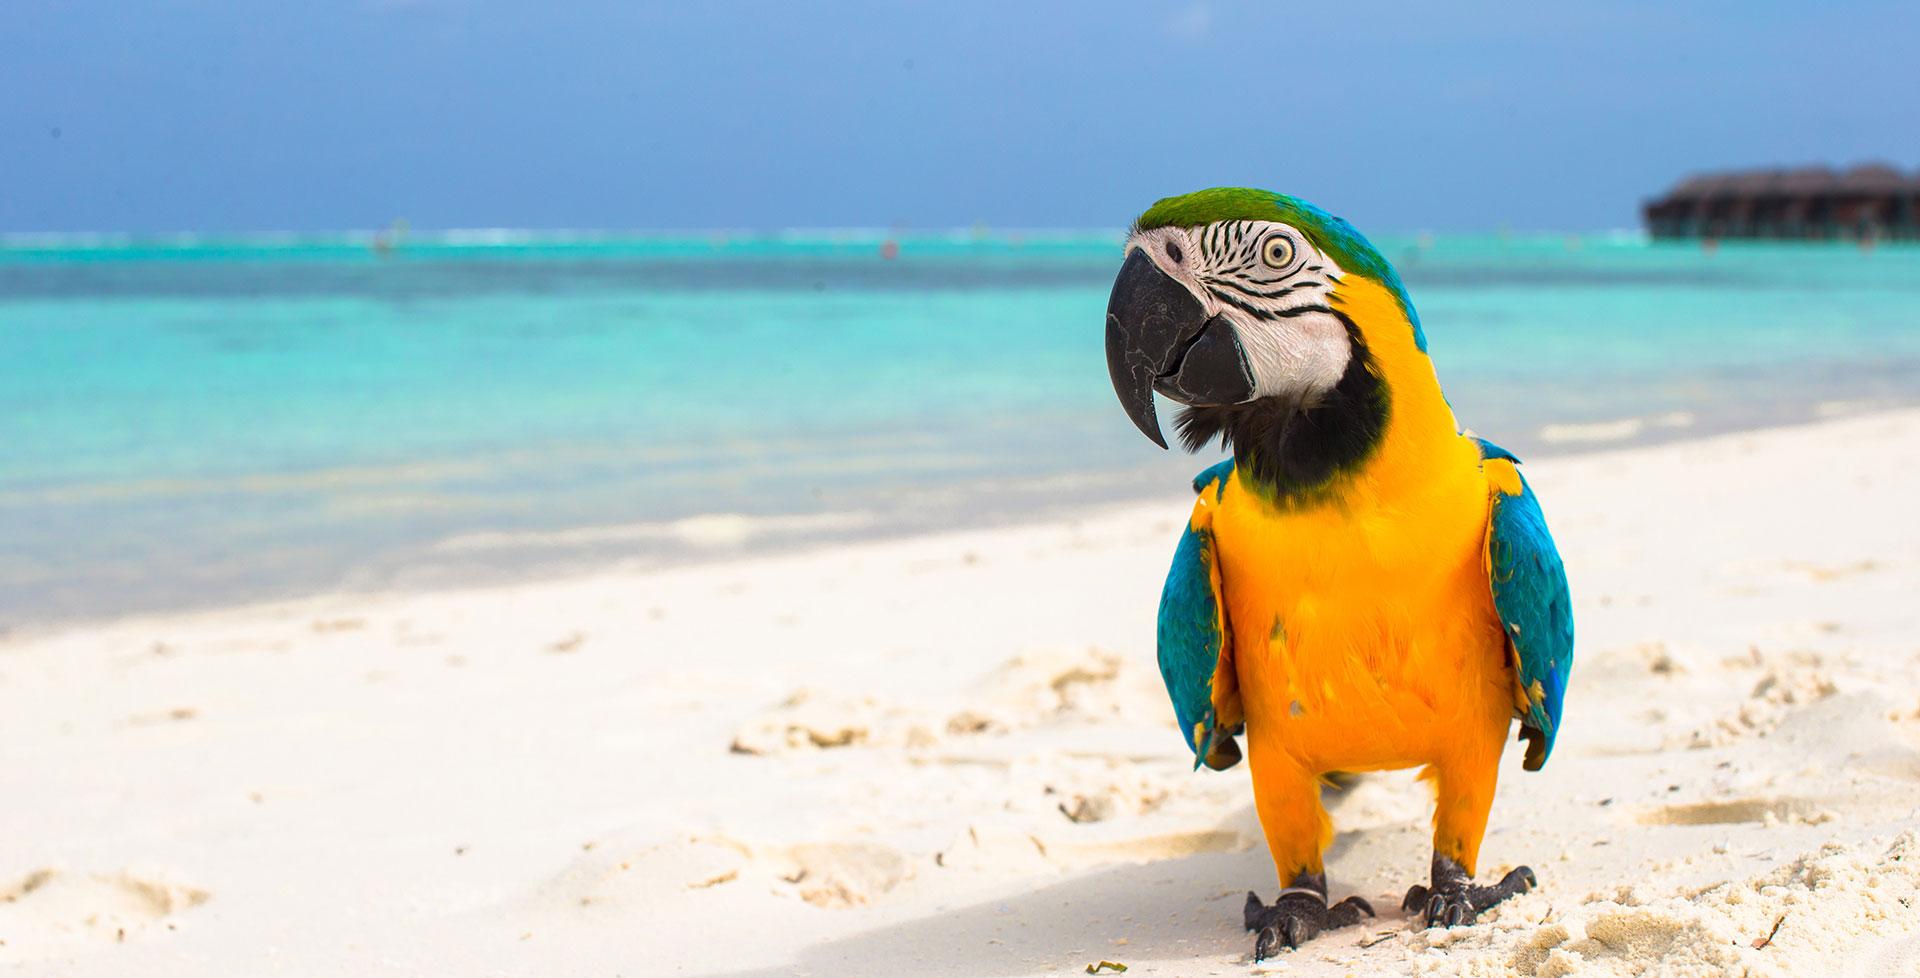 Urlaubsreif: Wie finde ich die beste Betreuung für meine Ziervögel?